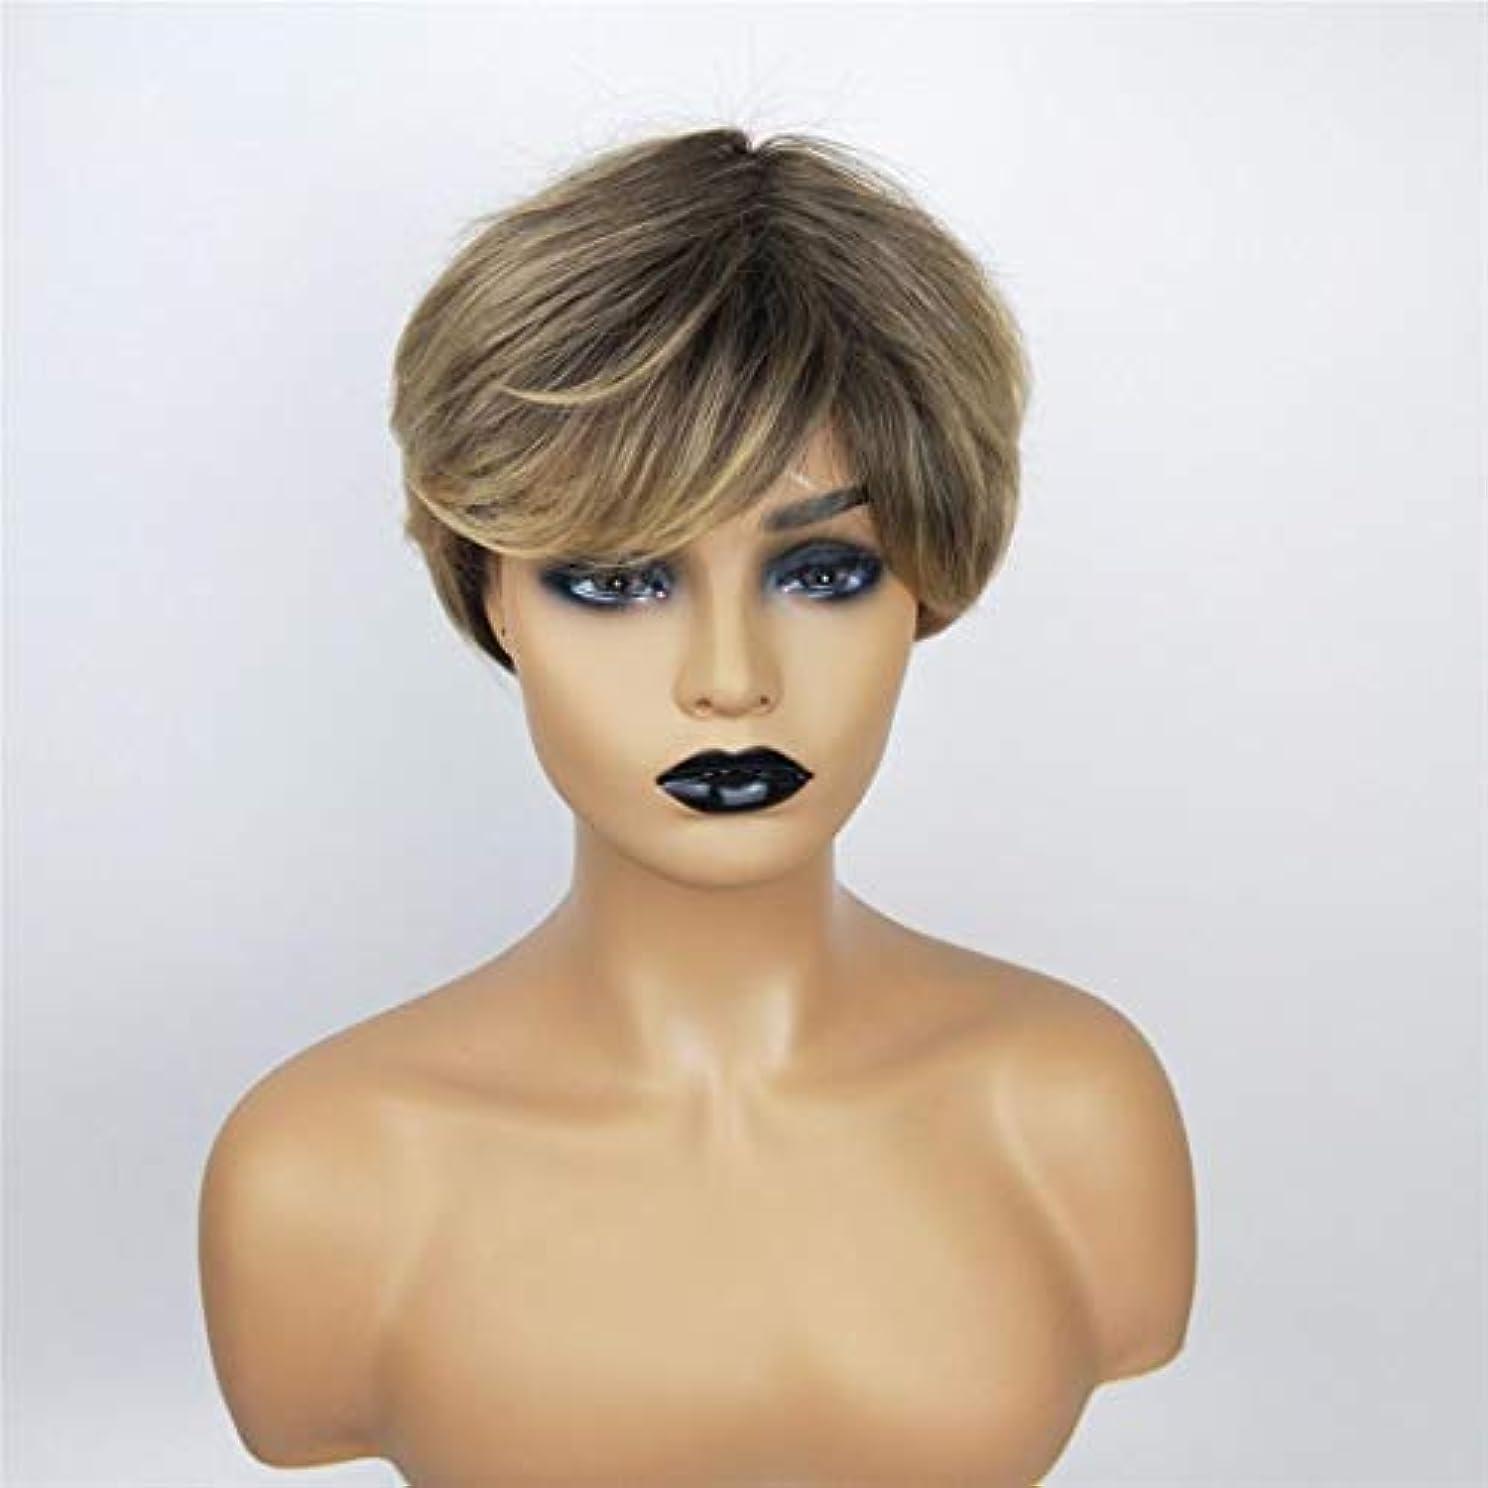 去る第三分散Summerys 女性のための茶色のかつら短い巻き毛のかつら合成完全女性のかつら